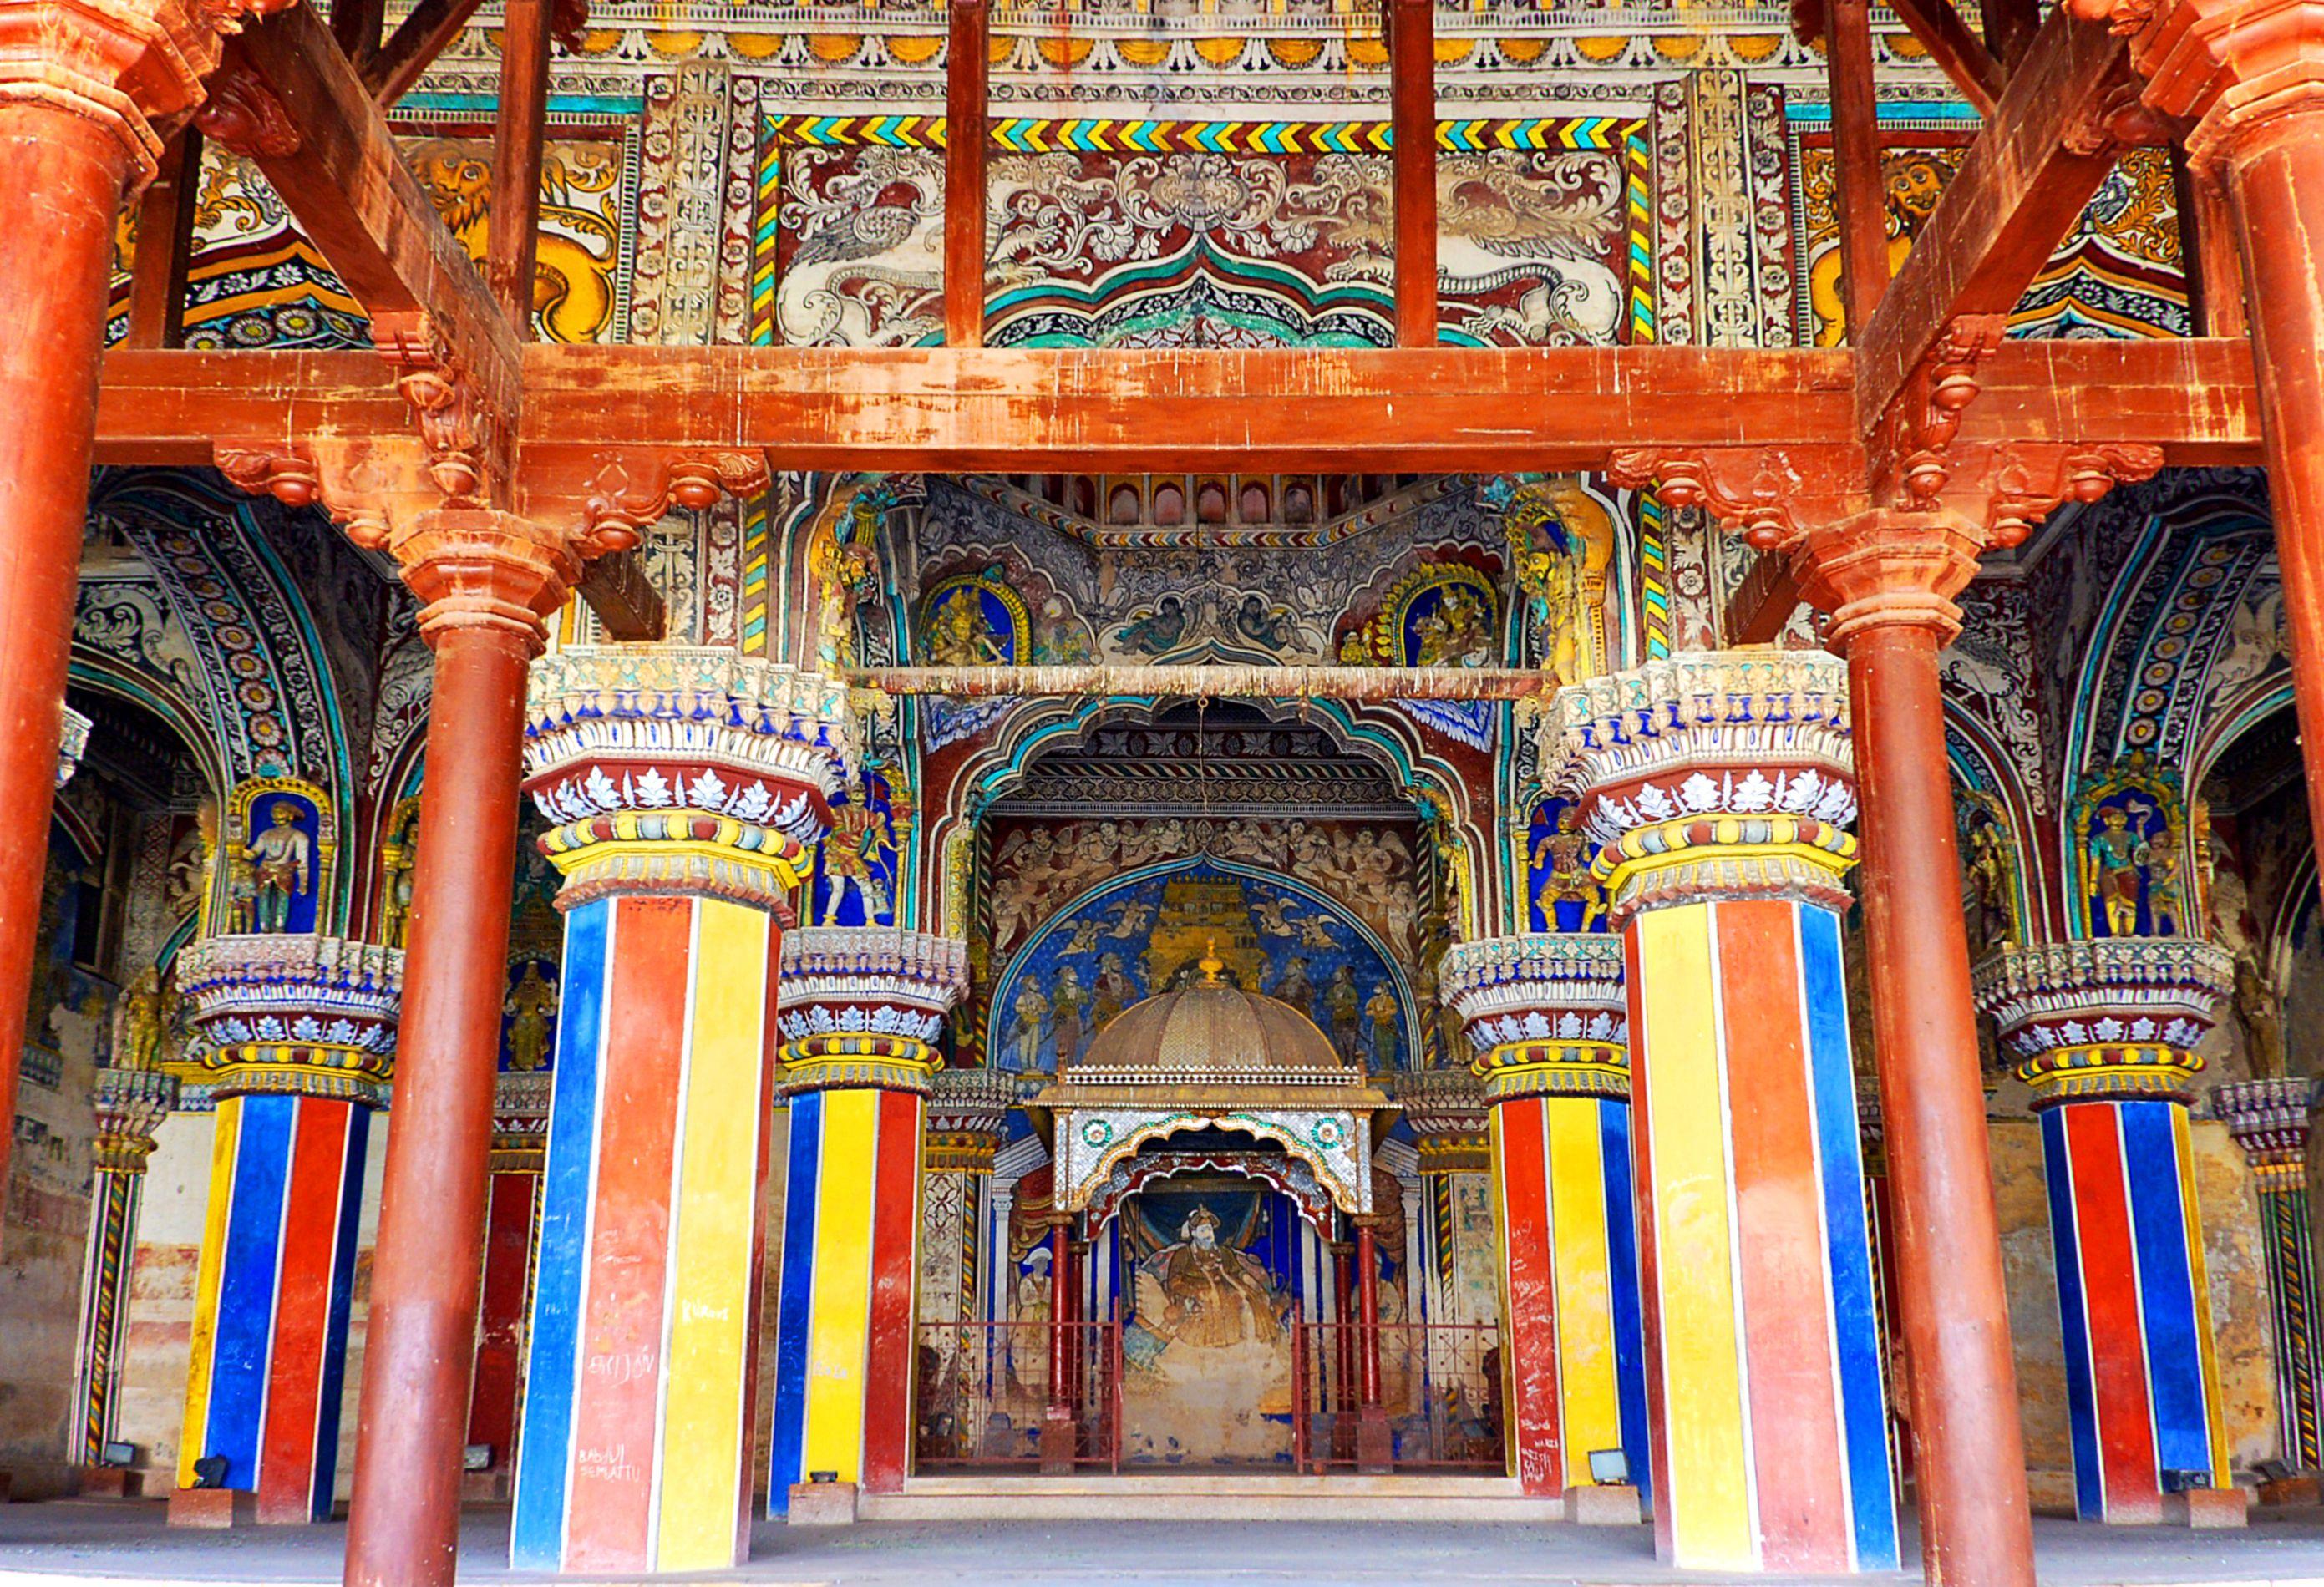 Royal Palace at Thanjavur.